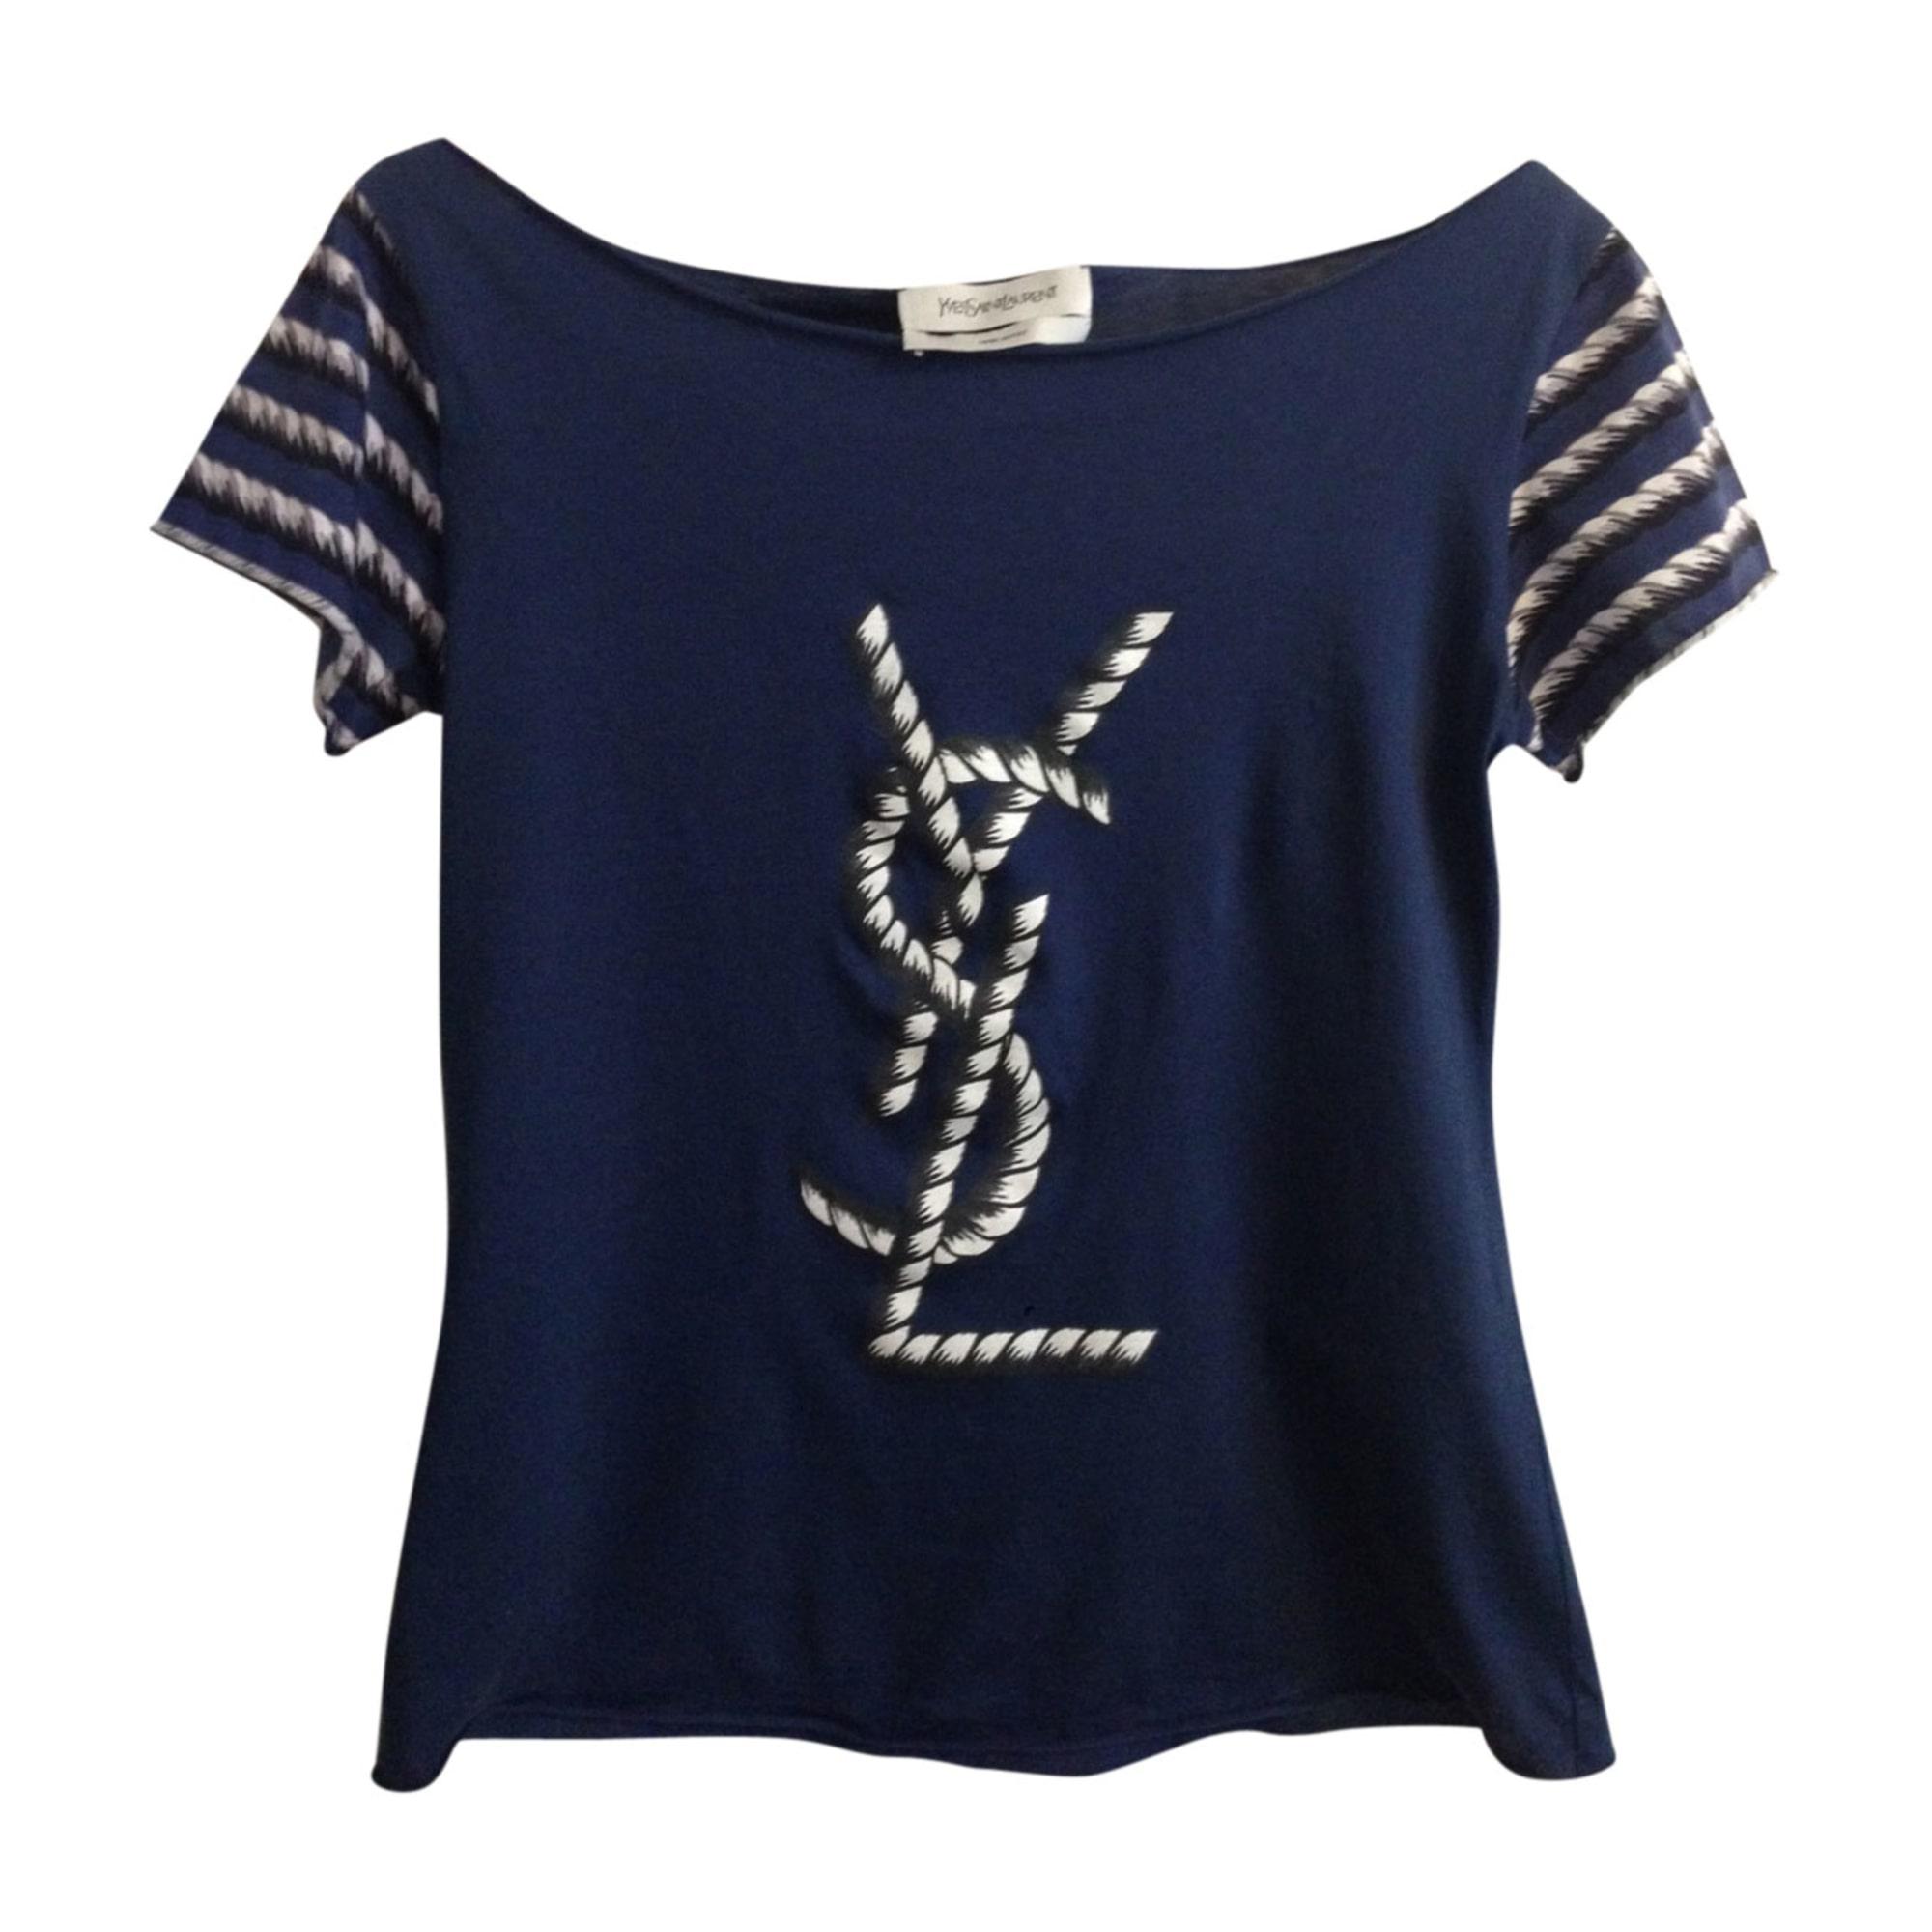 top tee shirt yves saint laurent 36 s t1 bleu vendu par lucy89 7284766. Black Bedroom Furniture Sets. Home Design Ideas